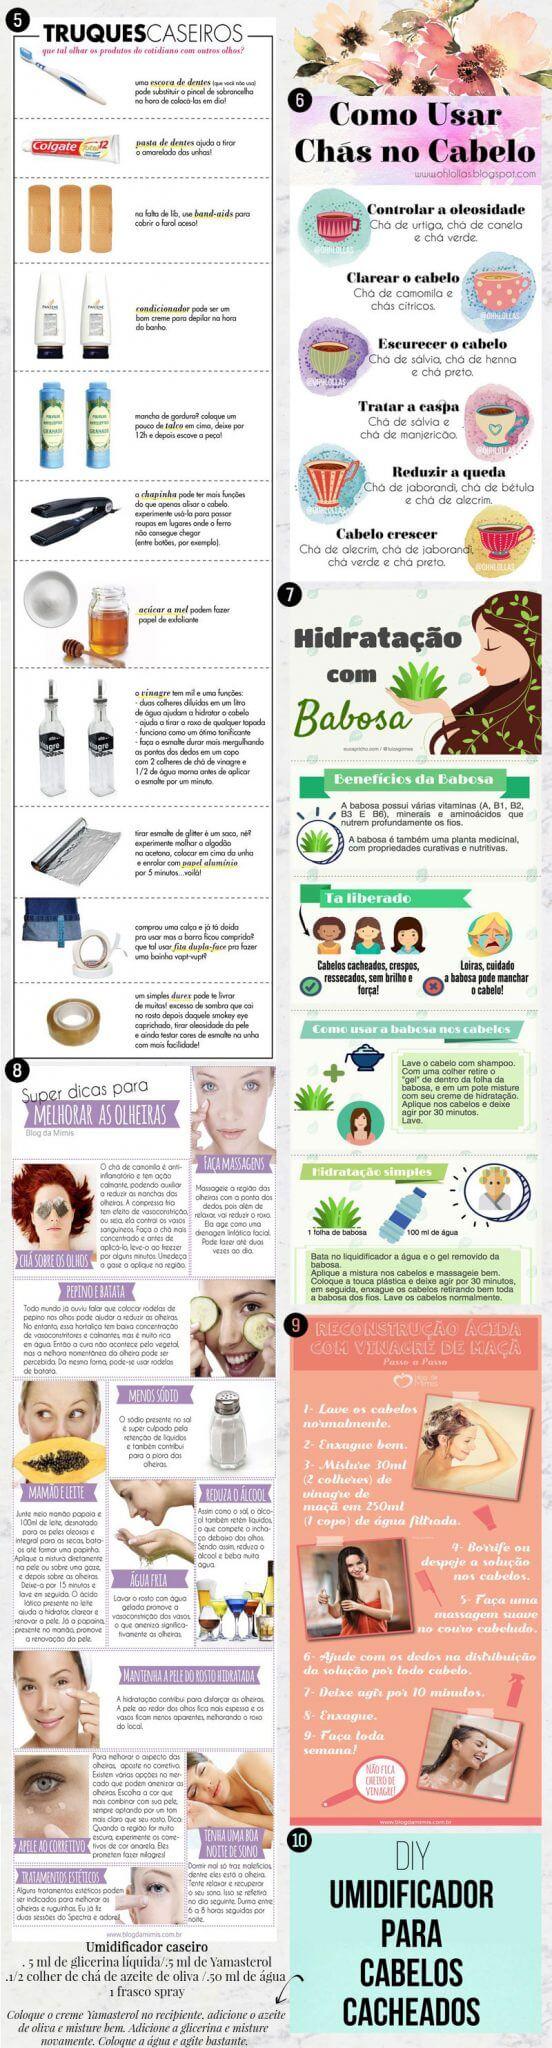 receitas caseiras beleza cabelo